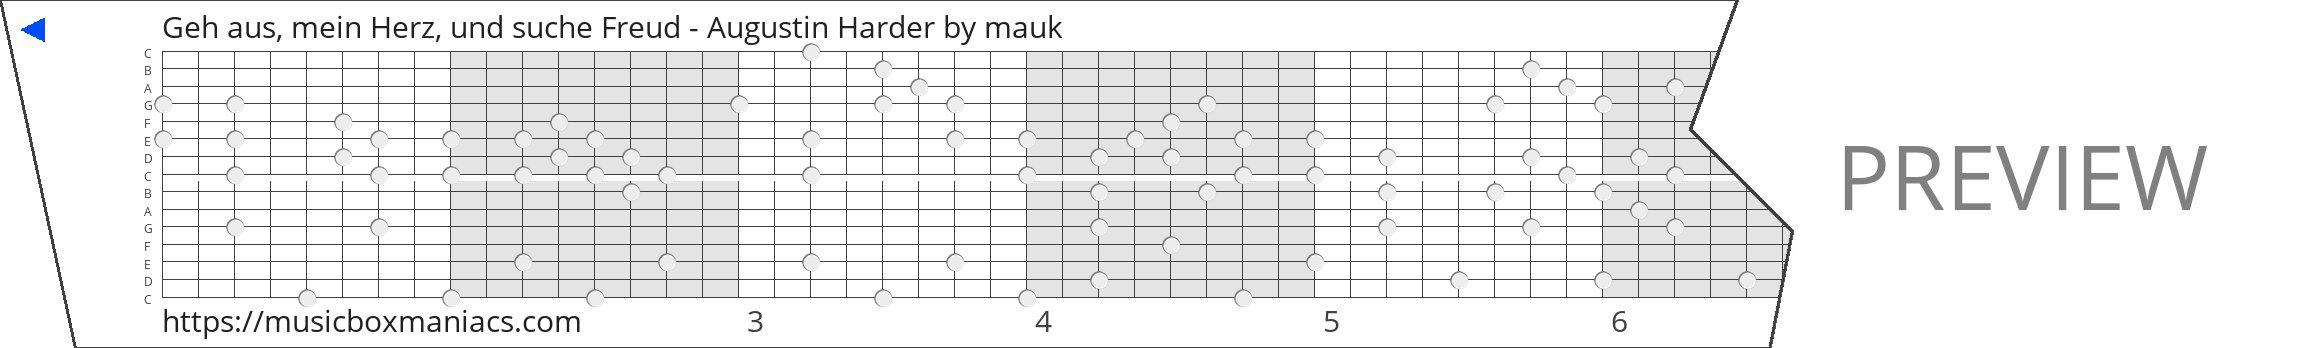 Geh aus, mein Herz, und suche Freud - Augustin Harder 15 note music box paper strip